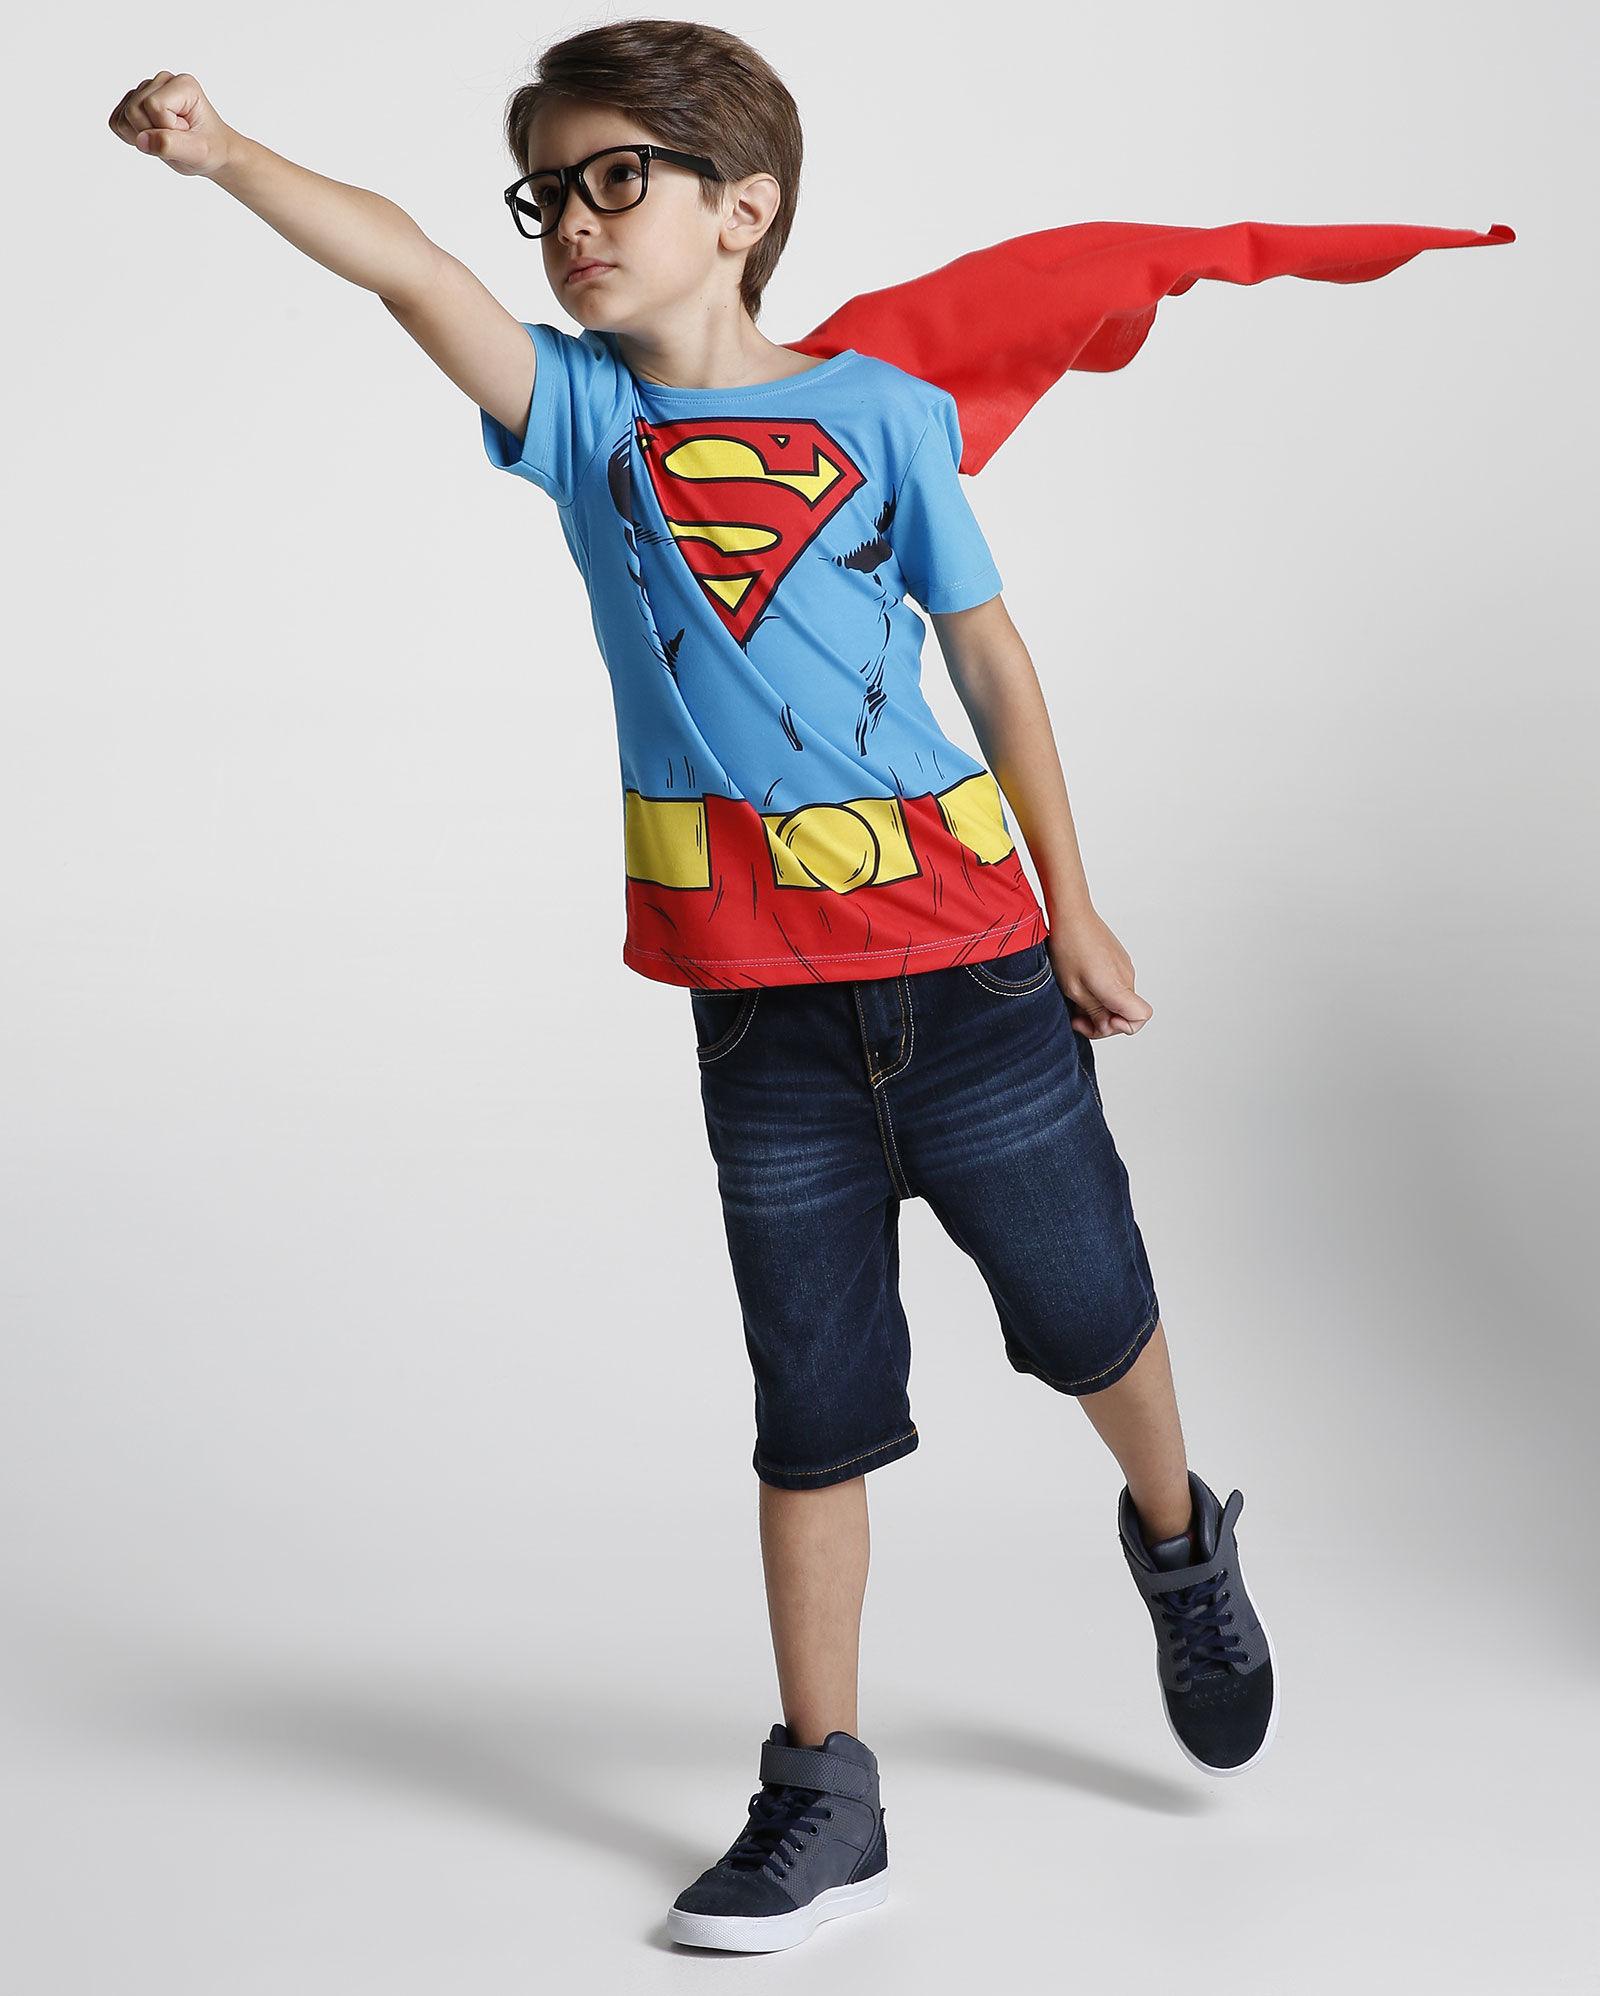 4c7b35bfe0 Riachuelo fez versões de Super-Homem para meninos e meninas  para eles